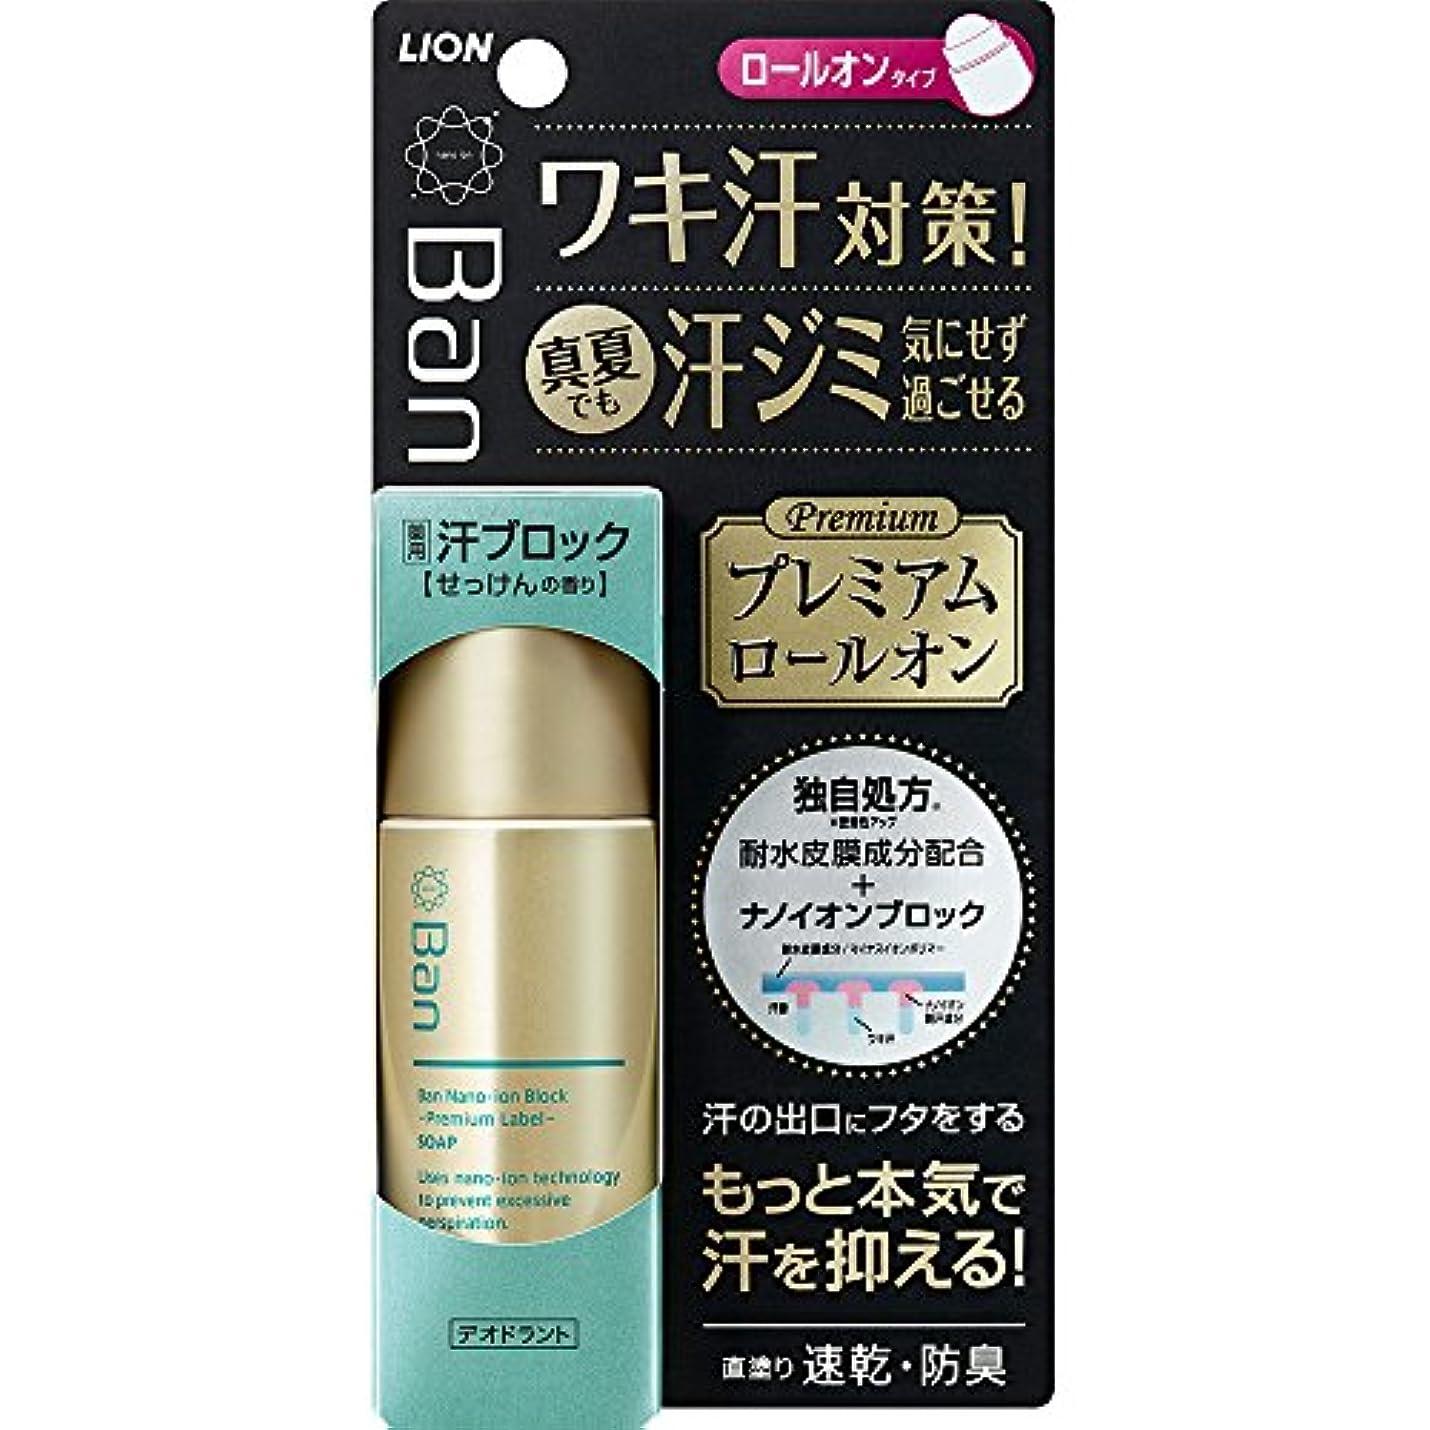 ピック化合物リファインBan(バン) 汗ブロックロールオン プレミアムラベル せっけんの香り 40ml(医薬部外品)